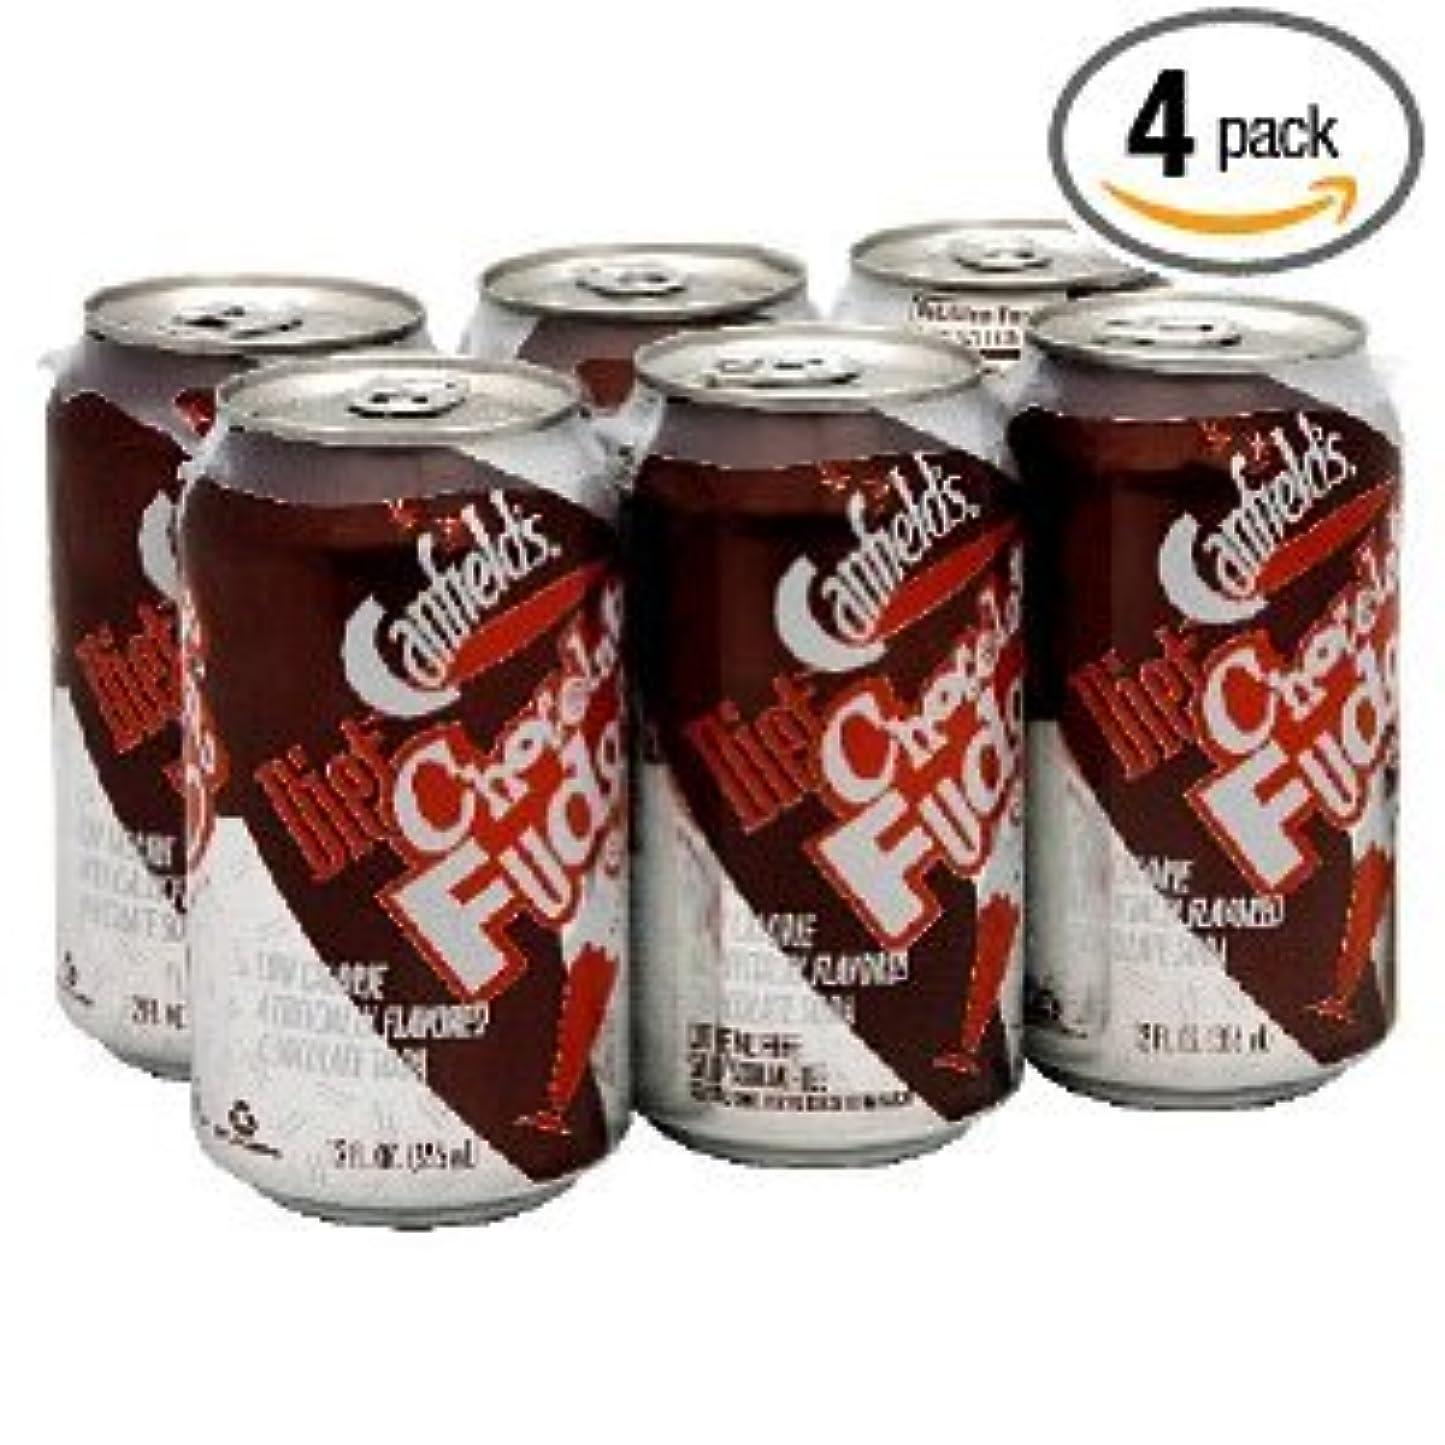 検証ペチコート雄弁なキャンフィールド社 チョコレートファッジダイエットソーダー24本海外直送品